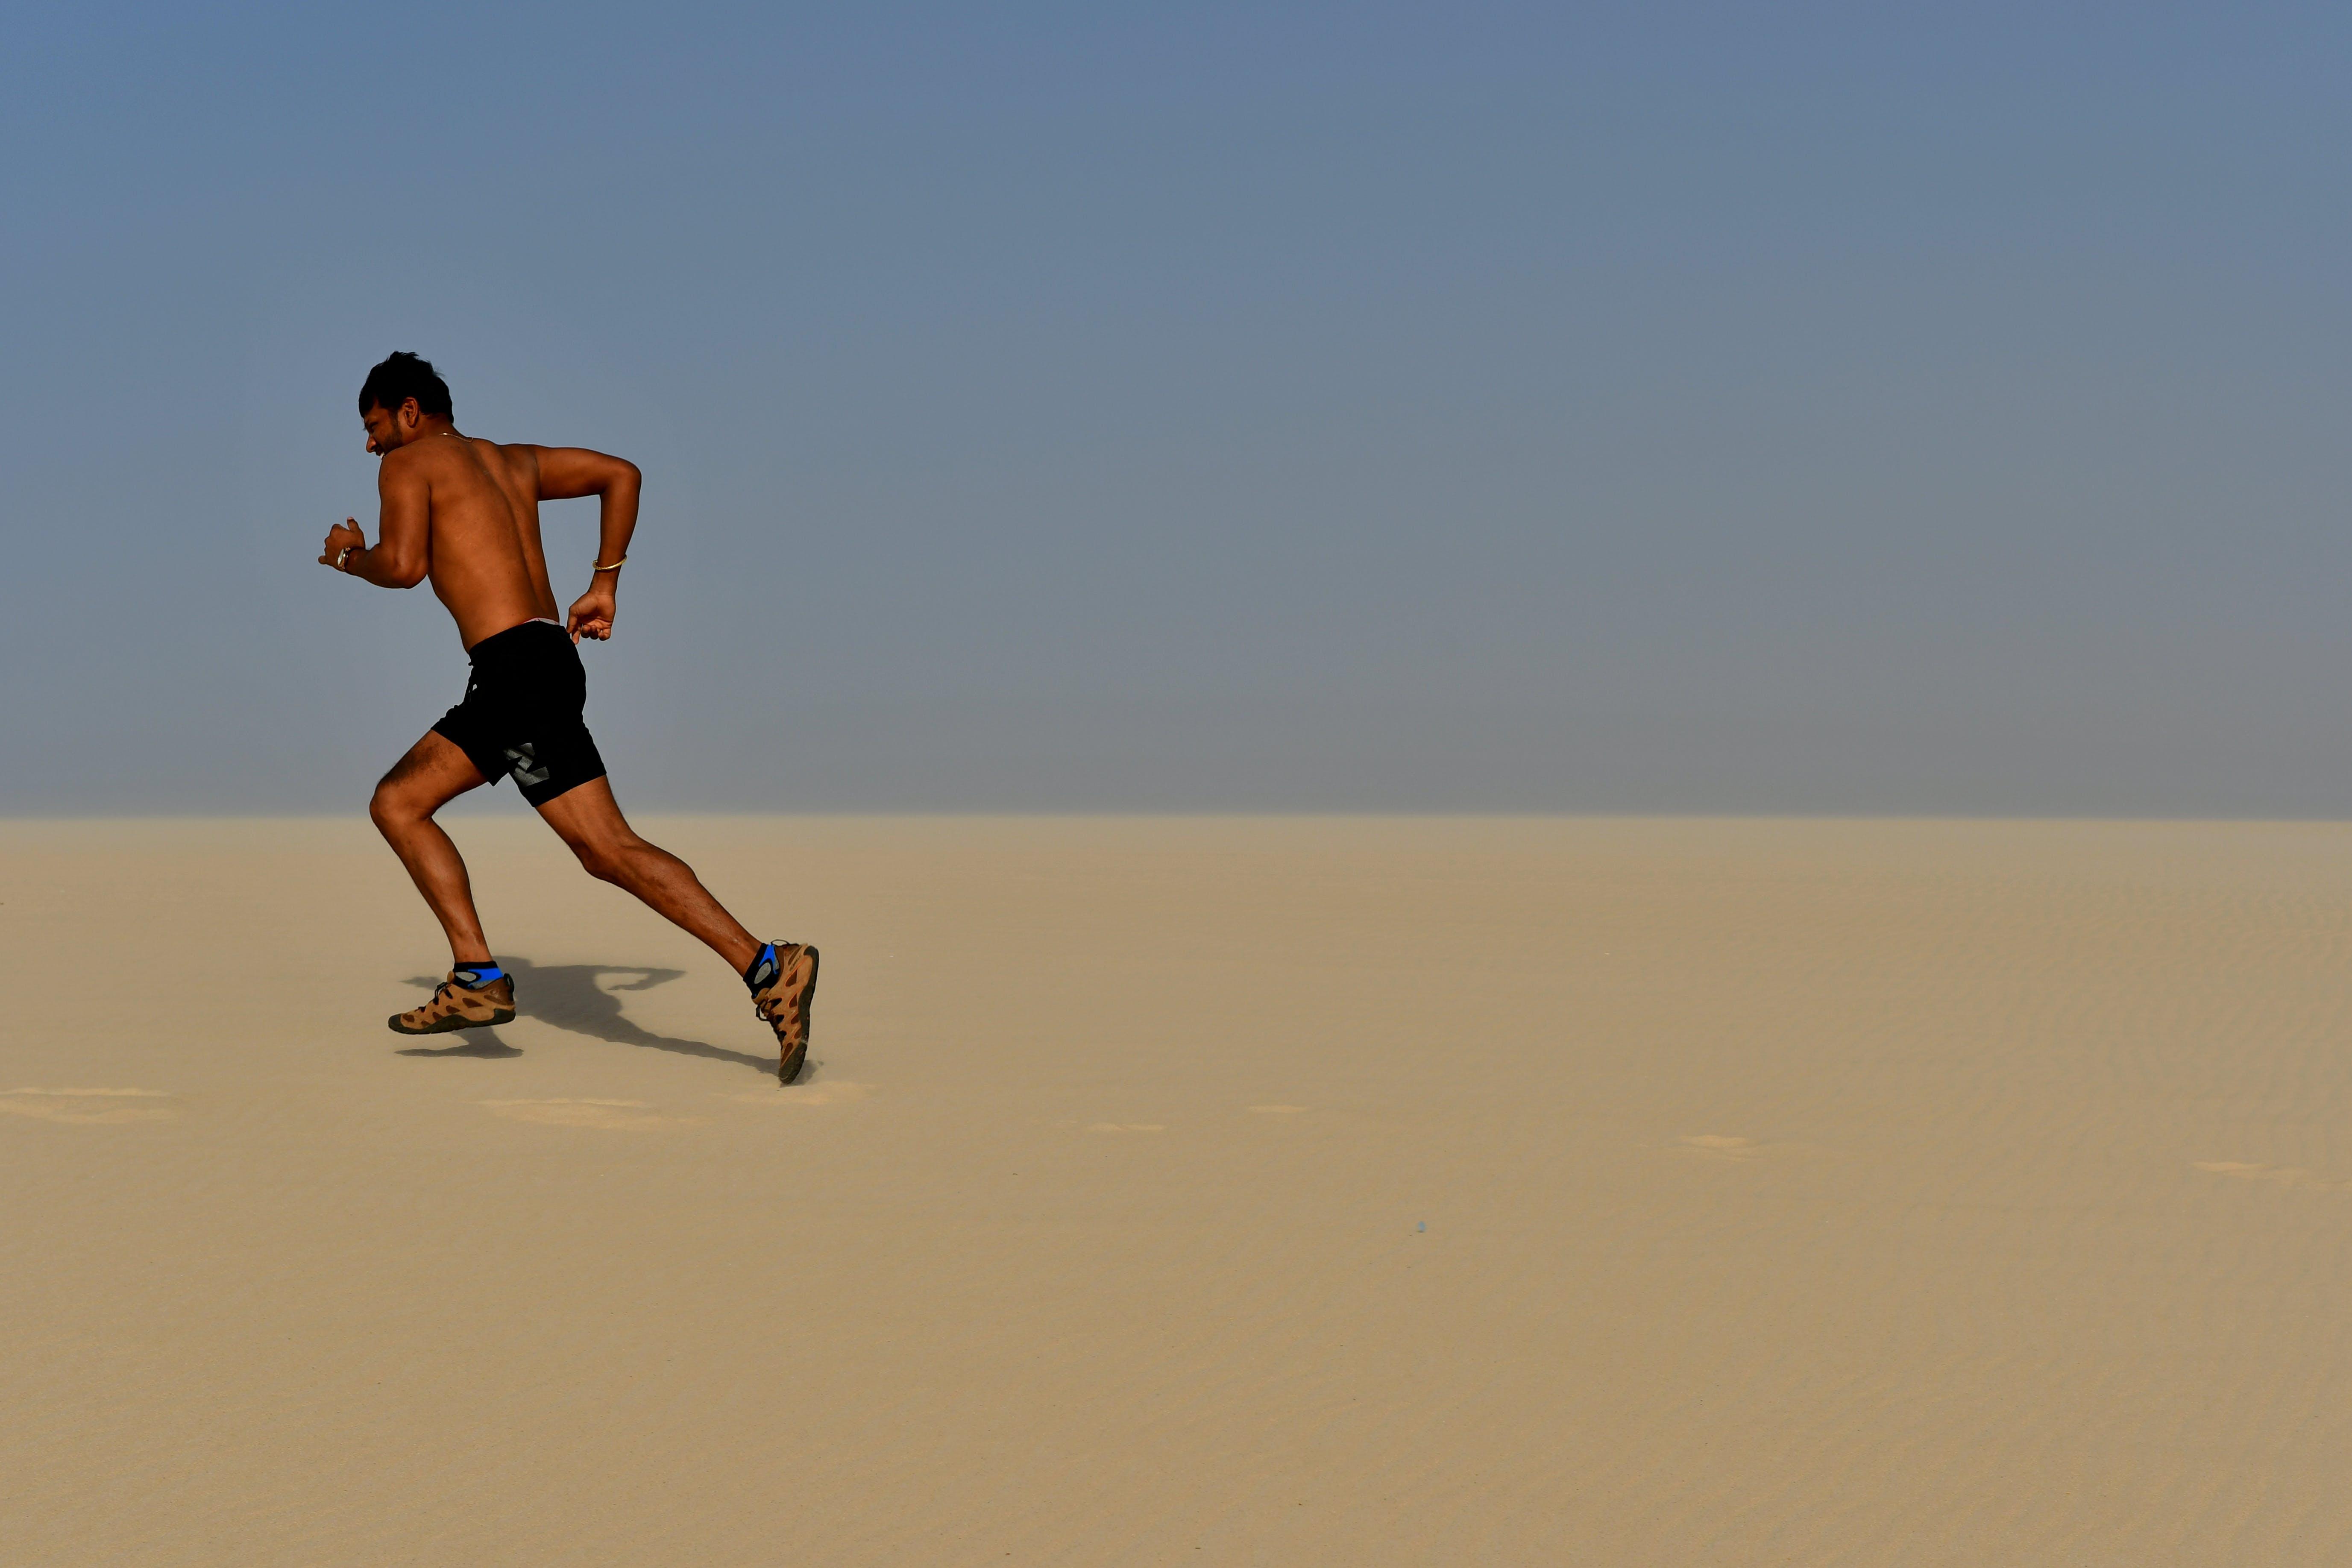 Free stock photo of sand, desert, blue sky, fitness